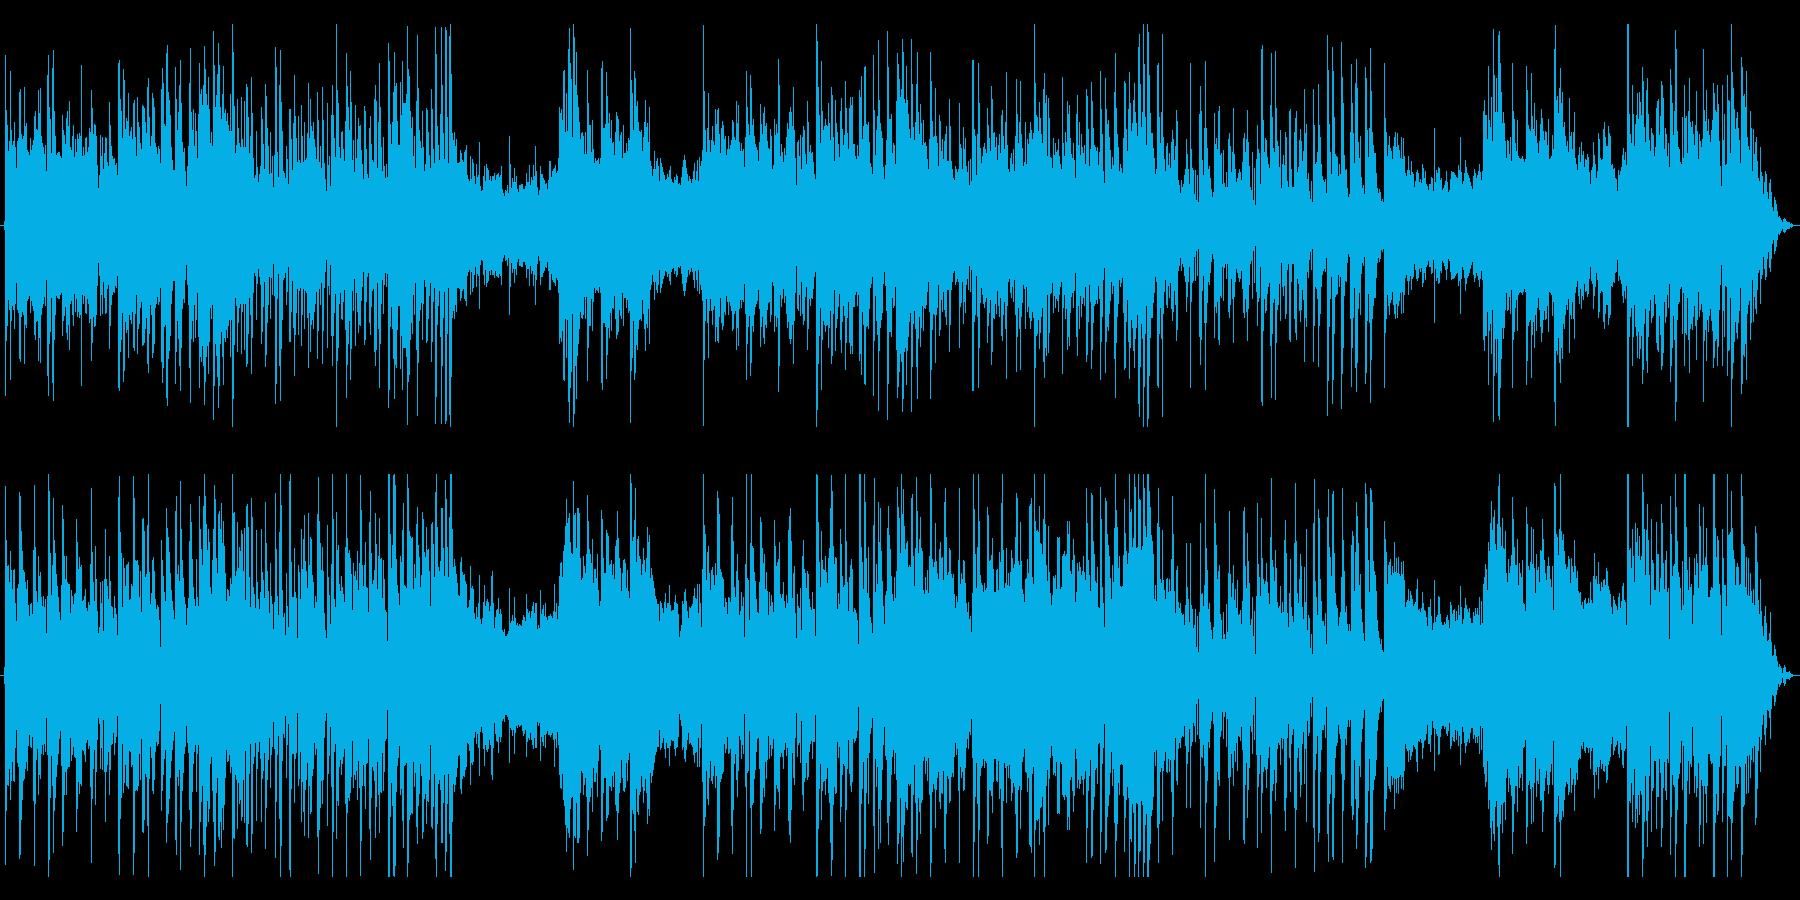 ミステリアスで妖しい3拍子_ファンタジーの再生済みの波形